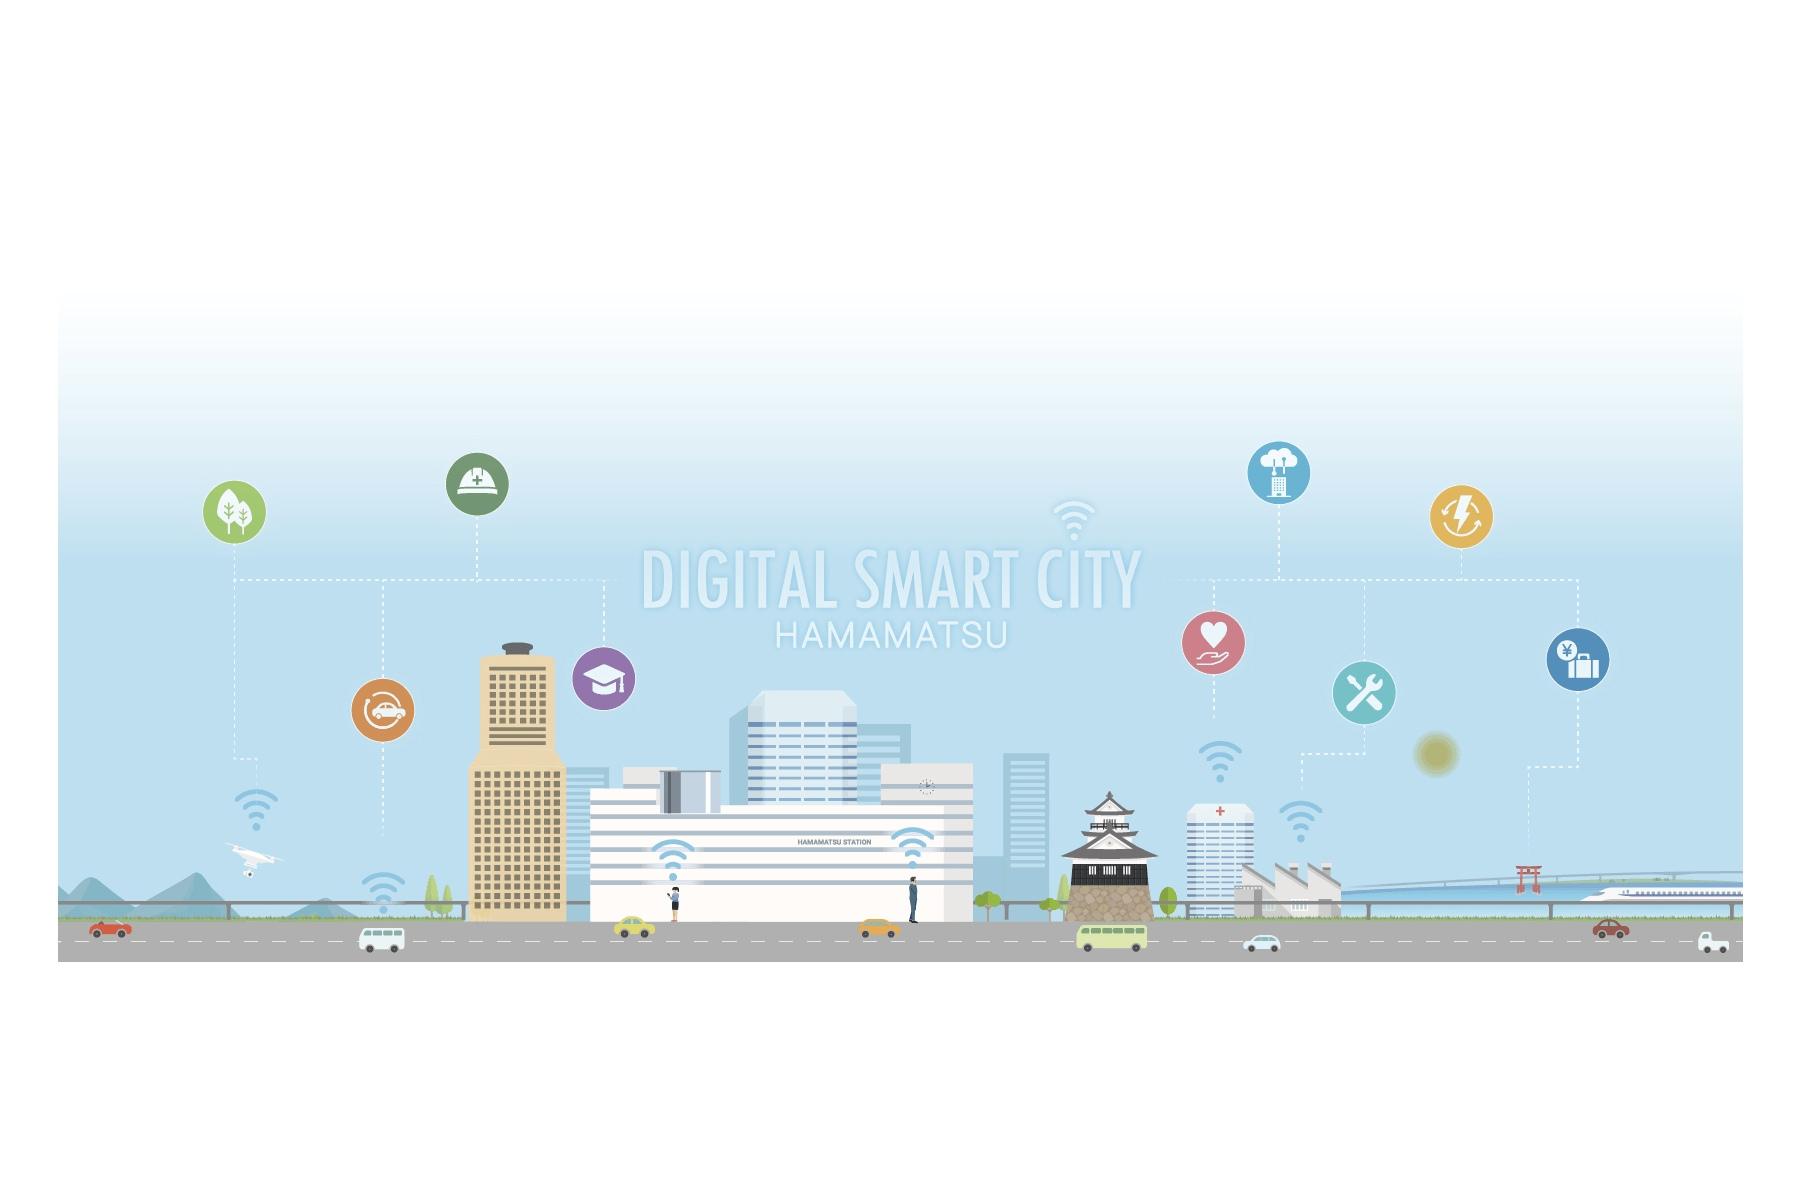 浜松市×NEC×ソフトバンク×ドコモ | データ連携基盤を活用した実証実験プロジェクトへの参加者を全国から募集